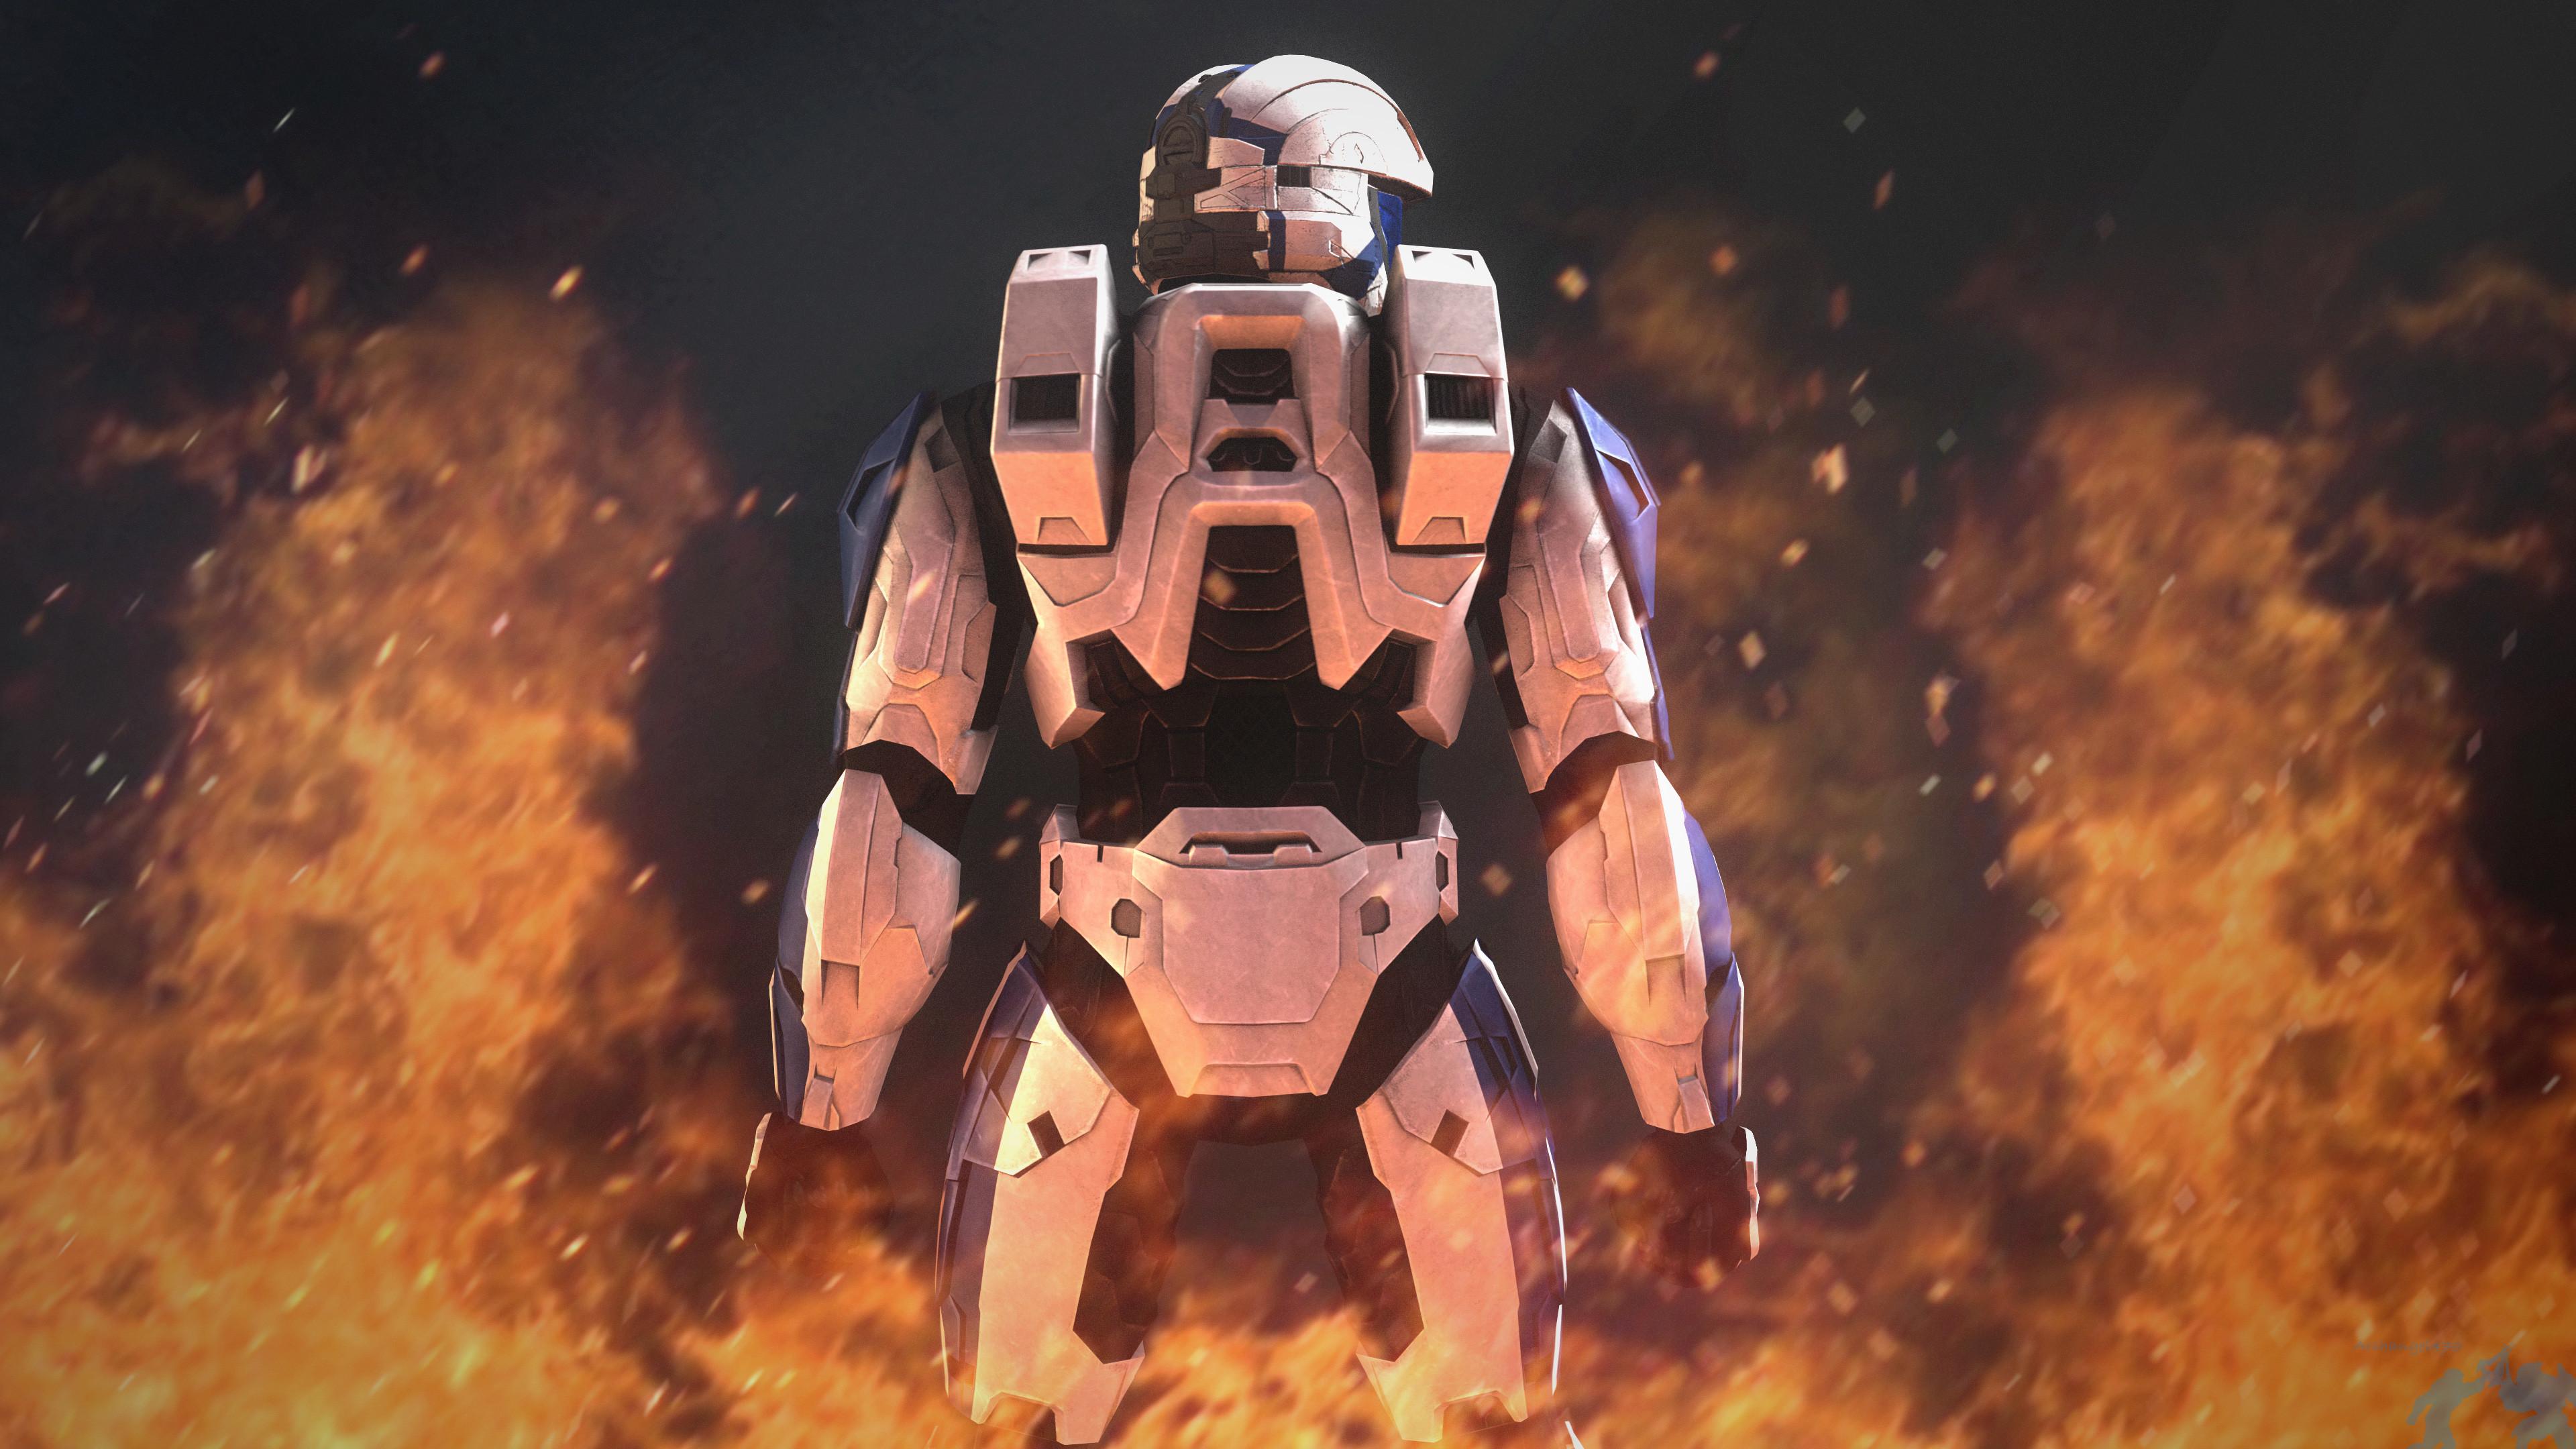 Res: 3840x2160, Halo Spartan Concept Art